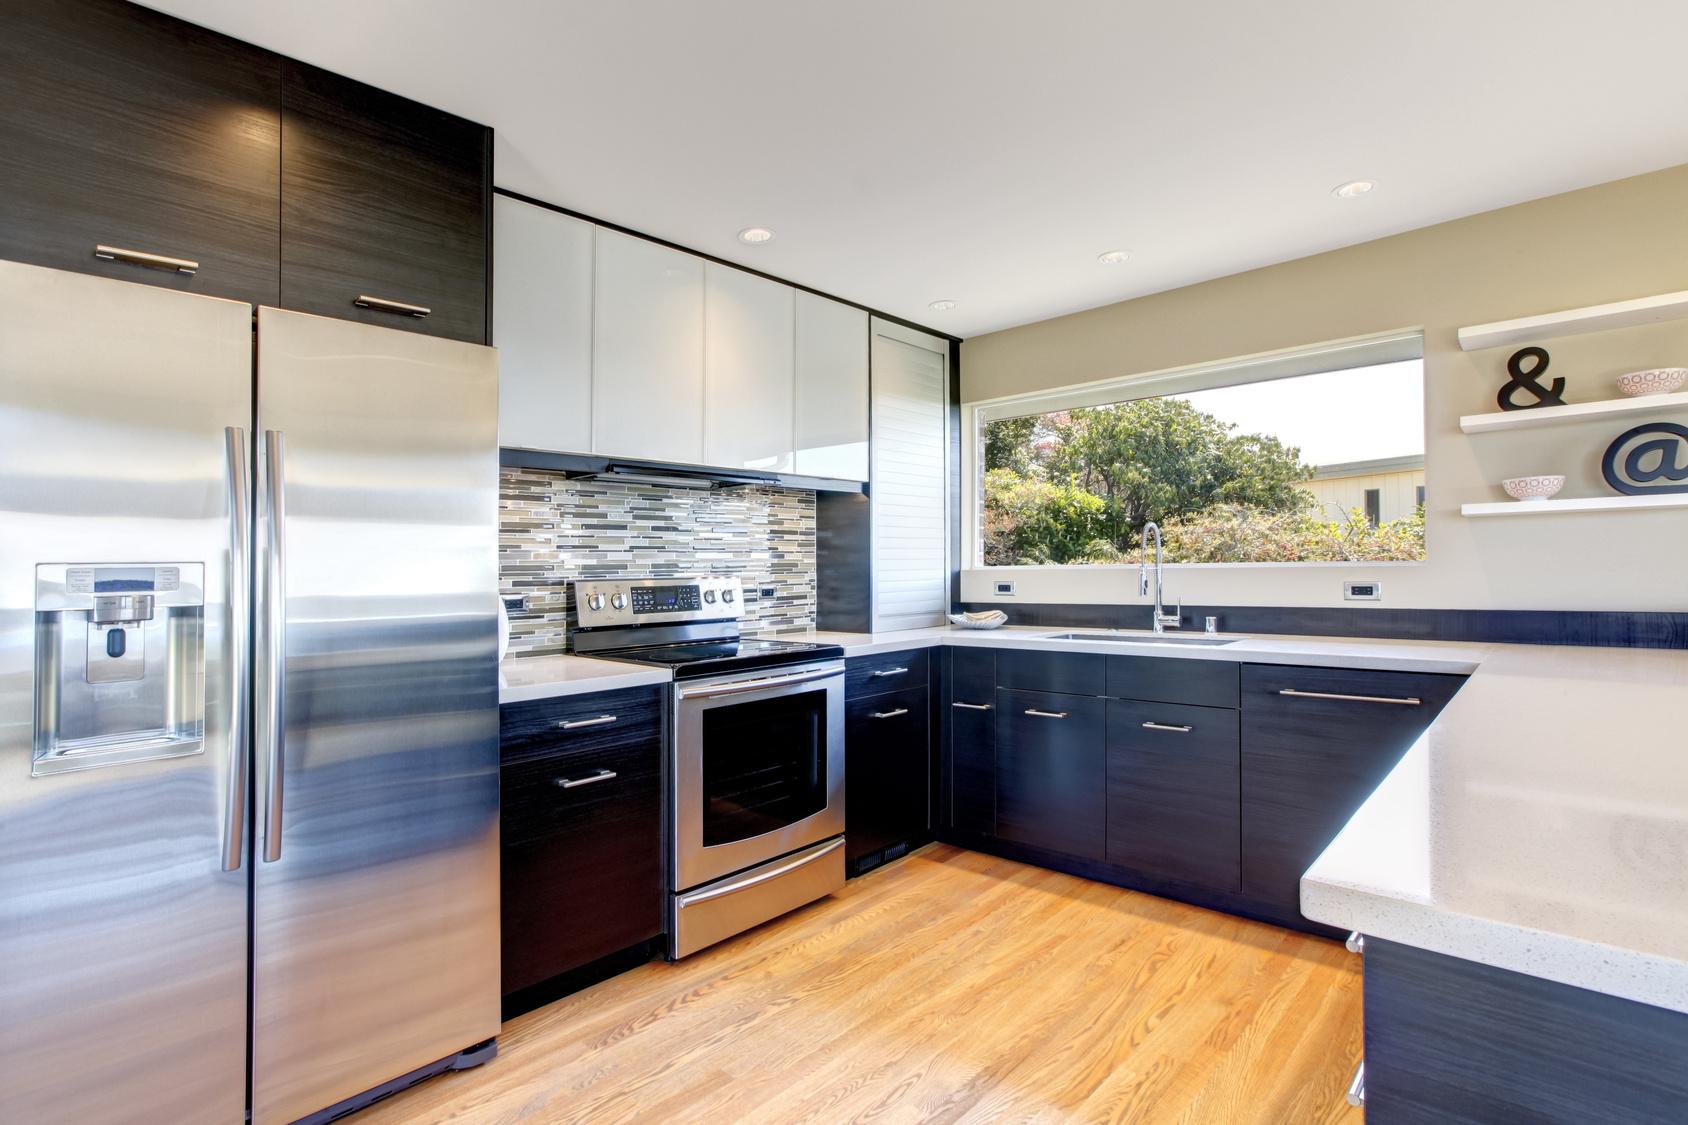 Moderne küchen u form  Die U-form Küche - klassische Küchenform mit modernem Stil